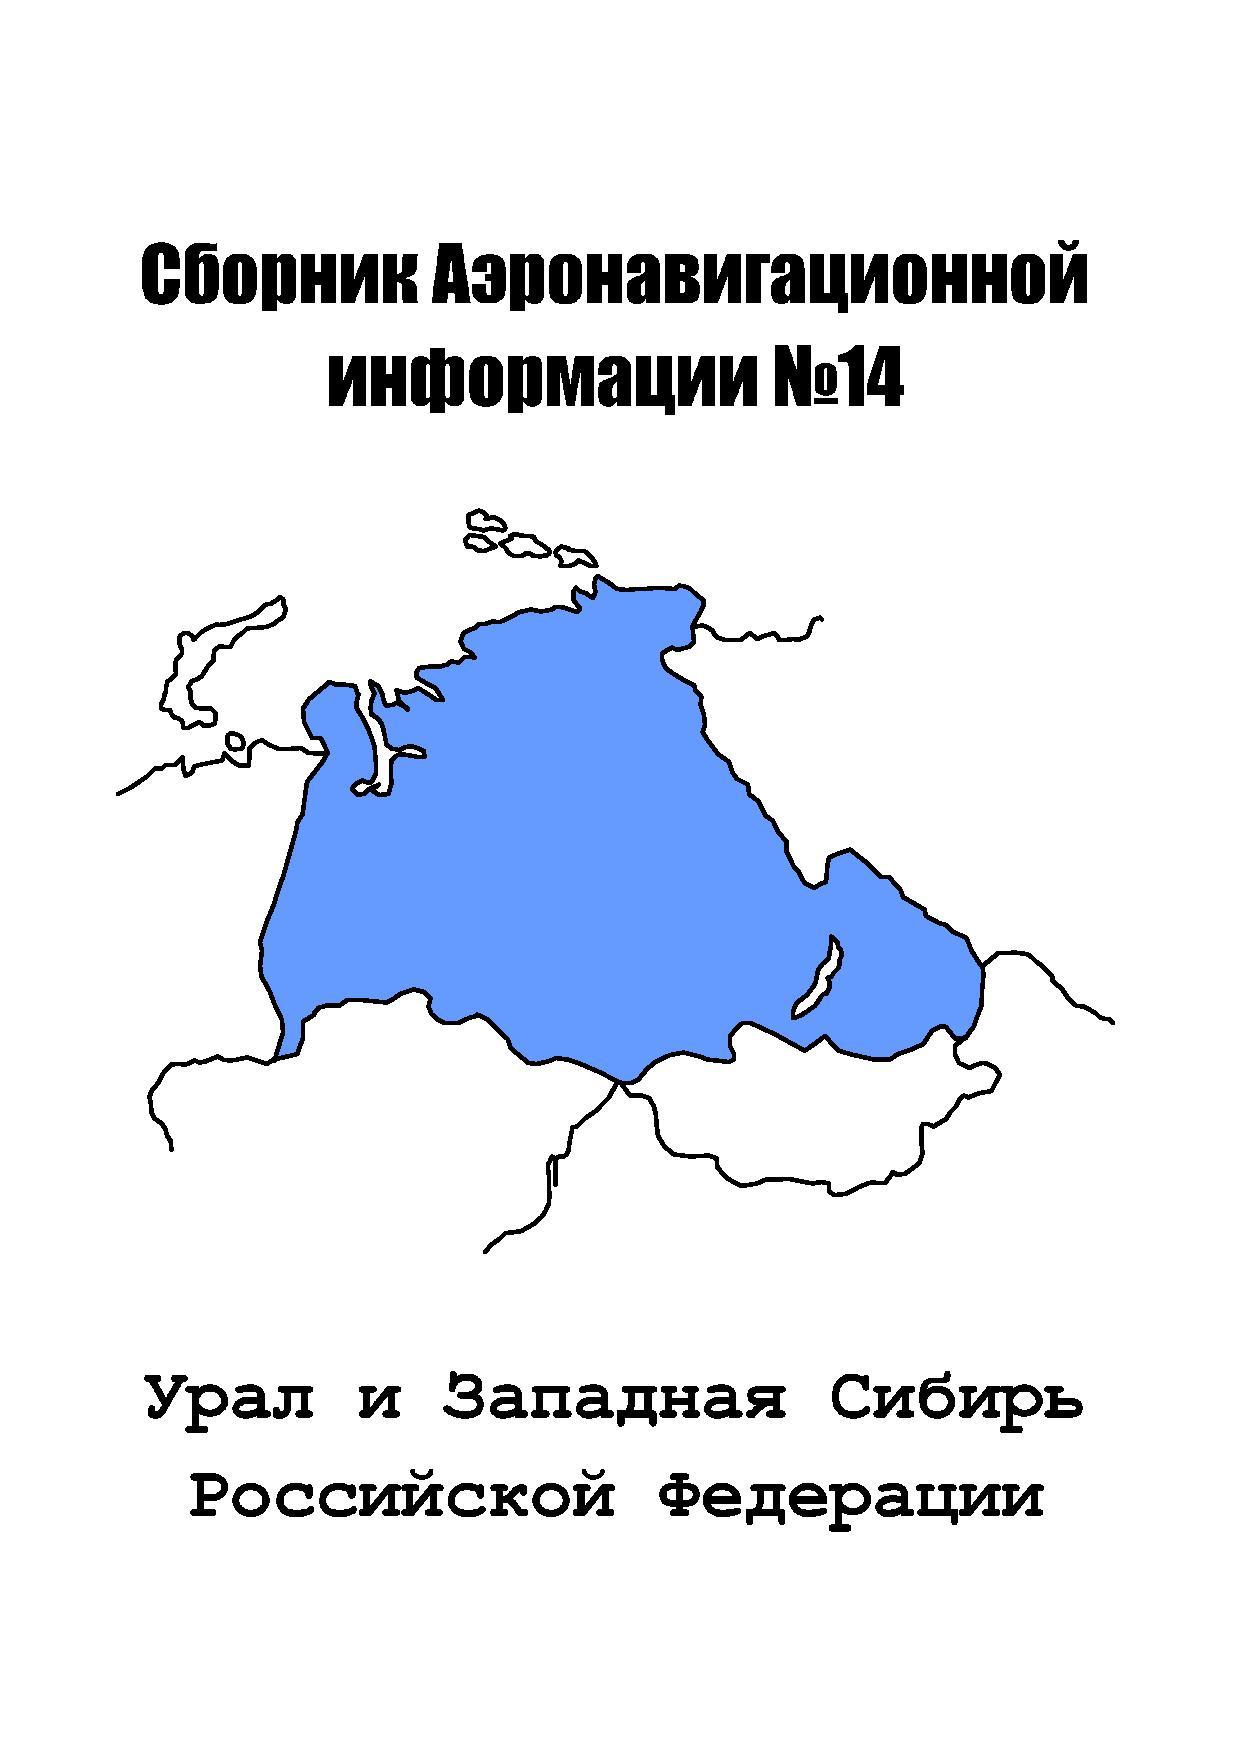 Жигули №14, 15-11